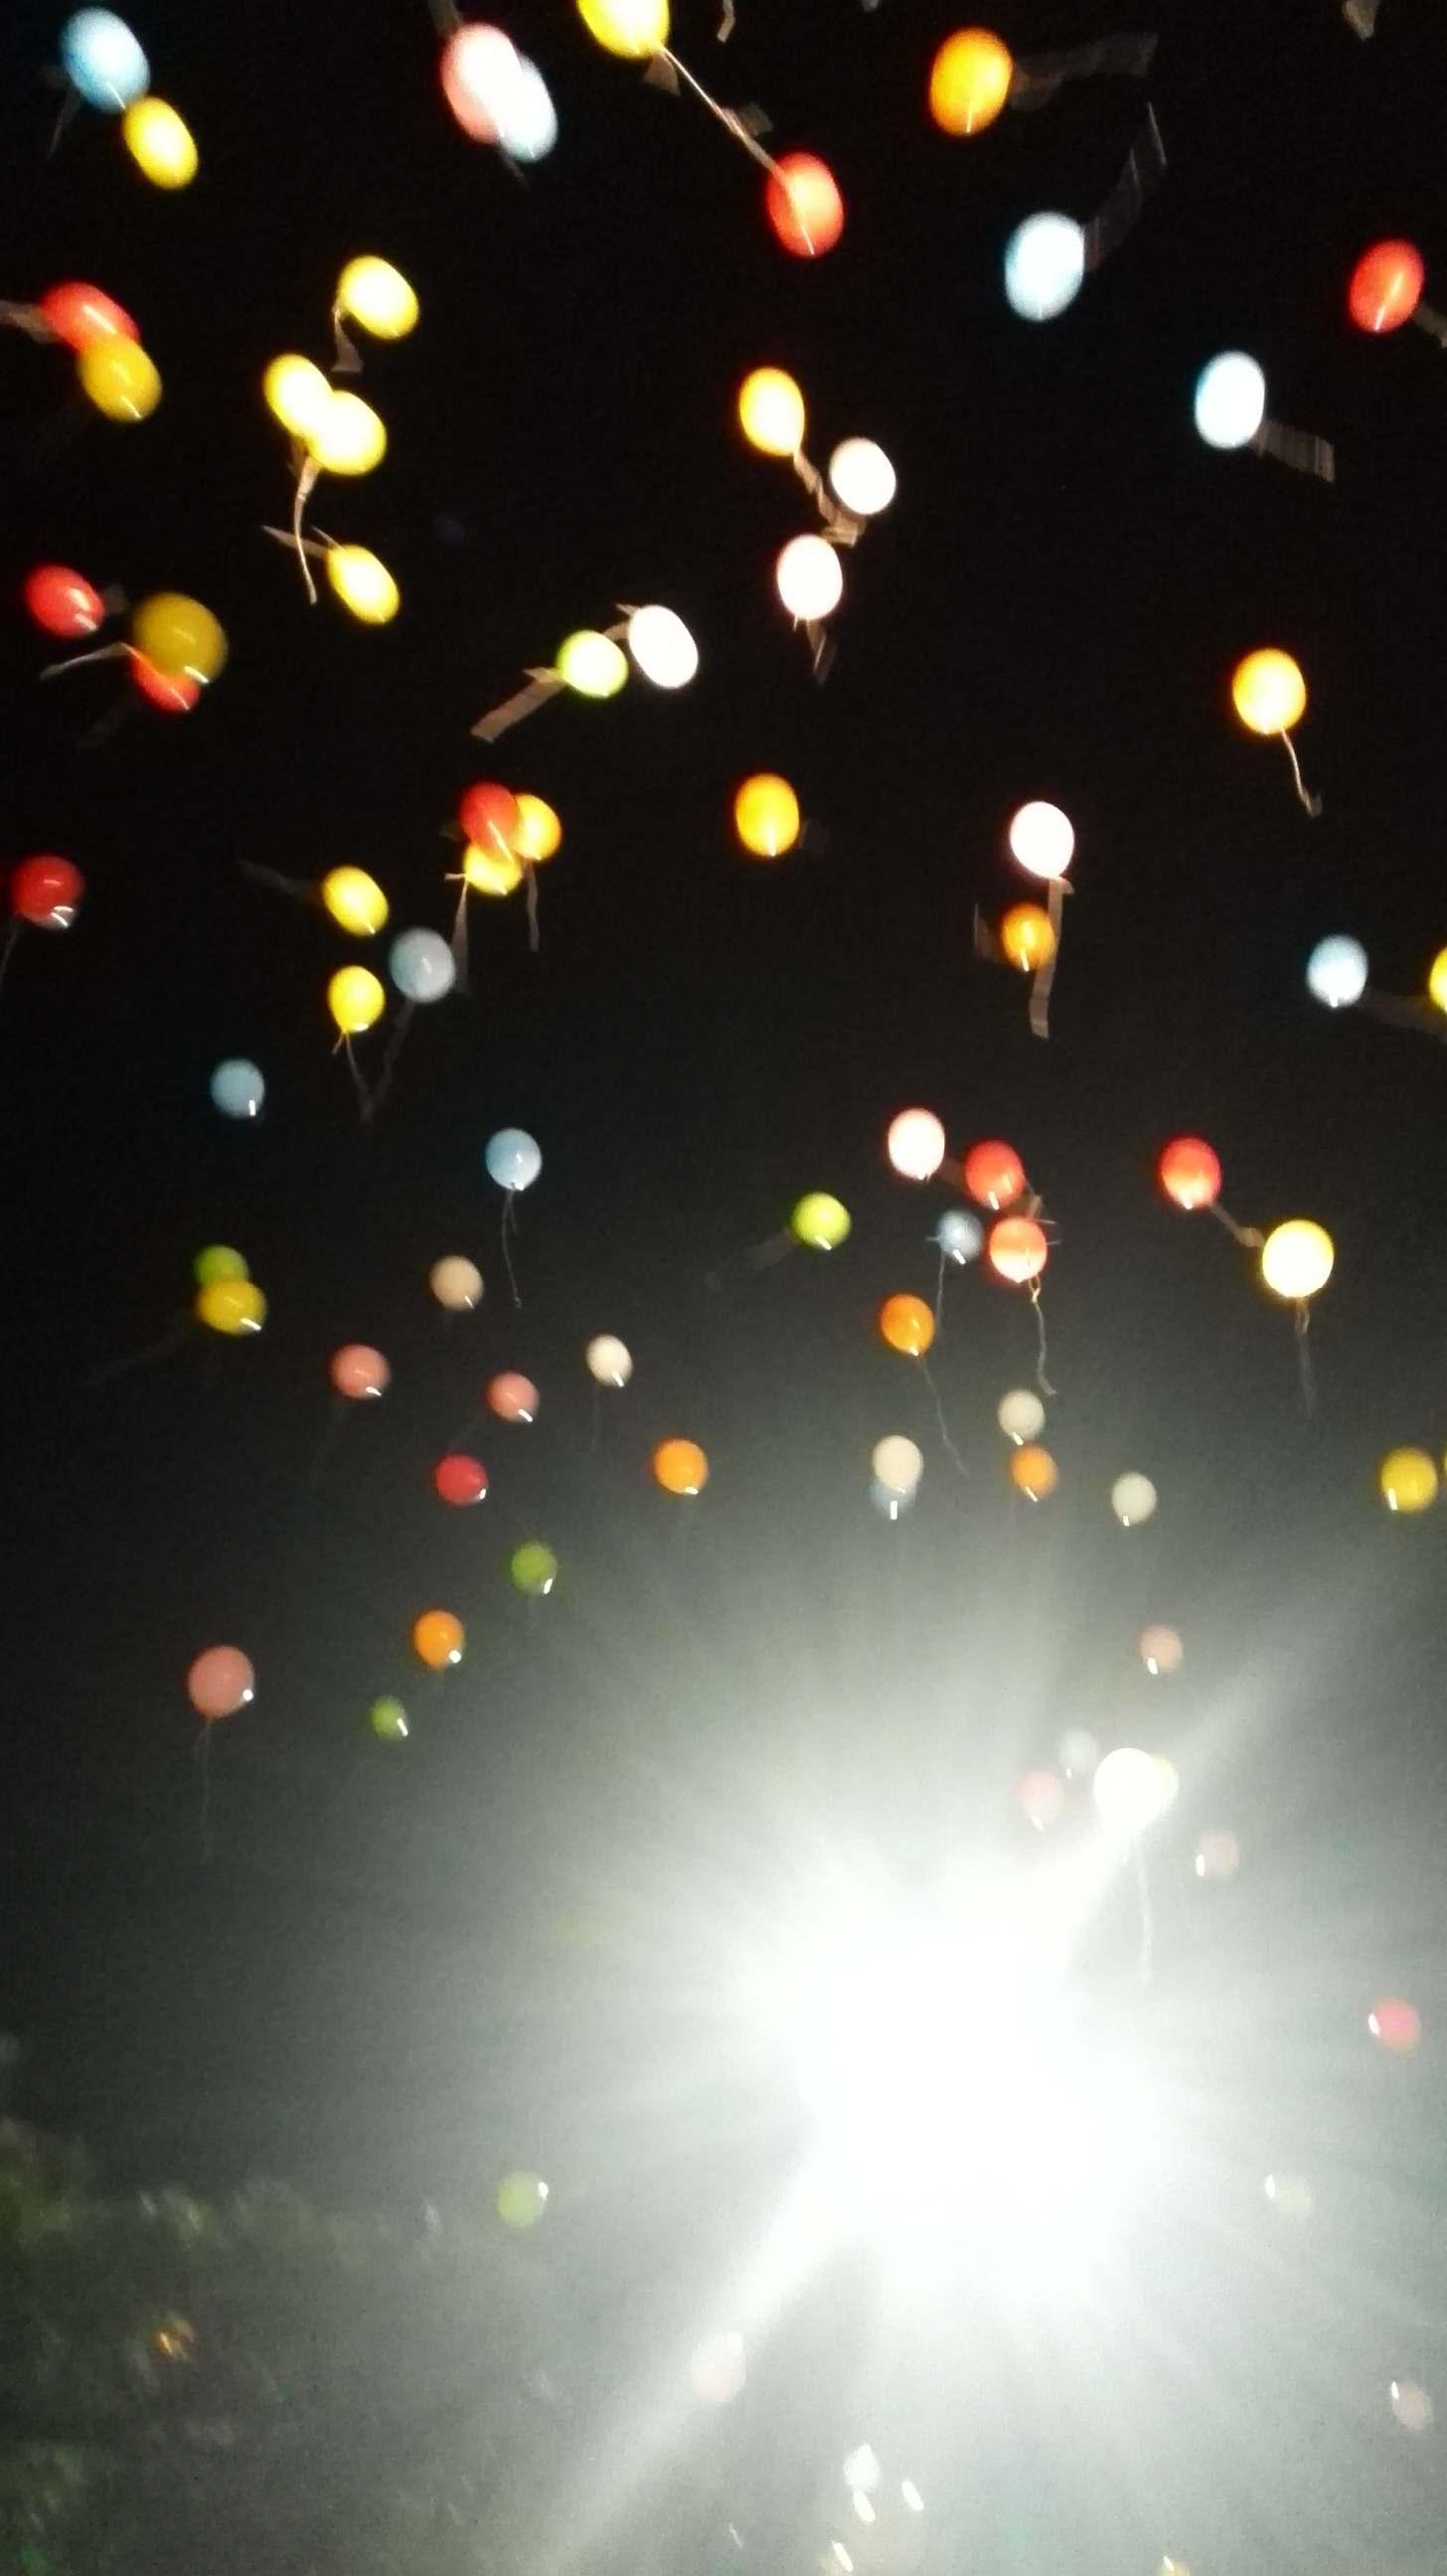 【八芳園】 Thanks Party 2015に参加してきました~♪